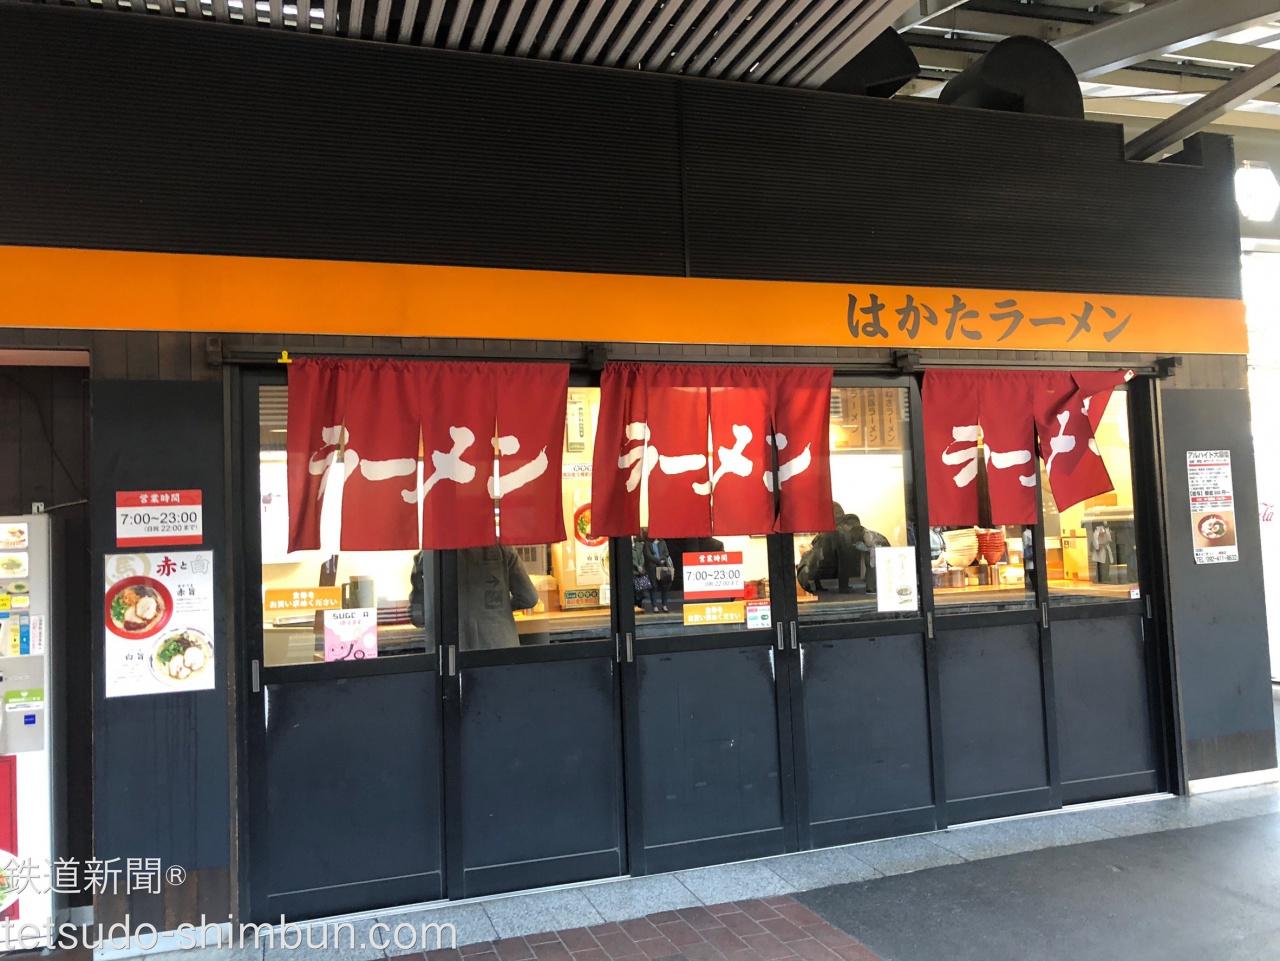 博多 駅 構内 ラーメン